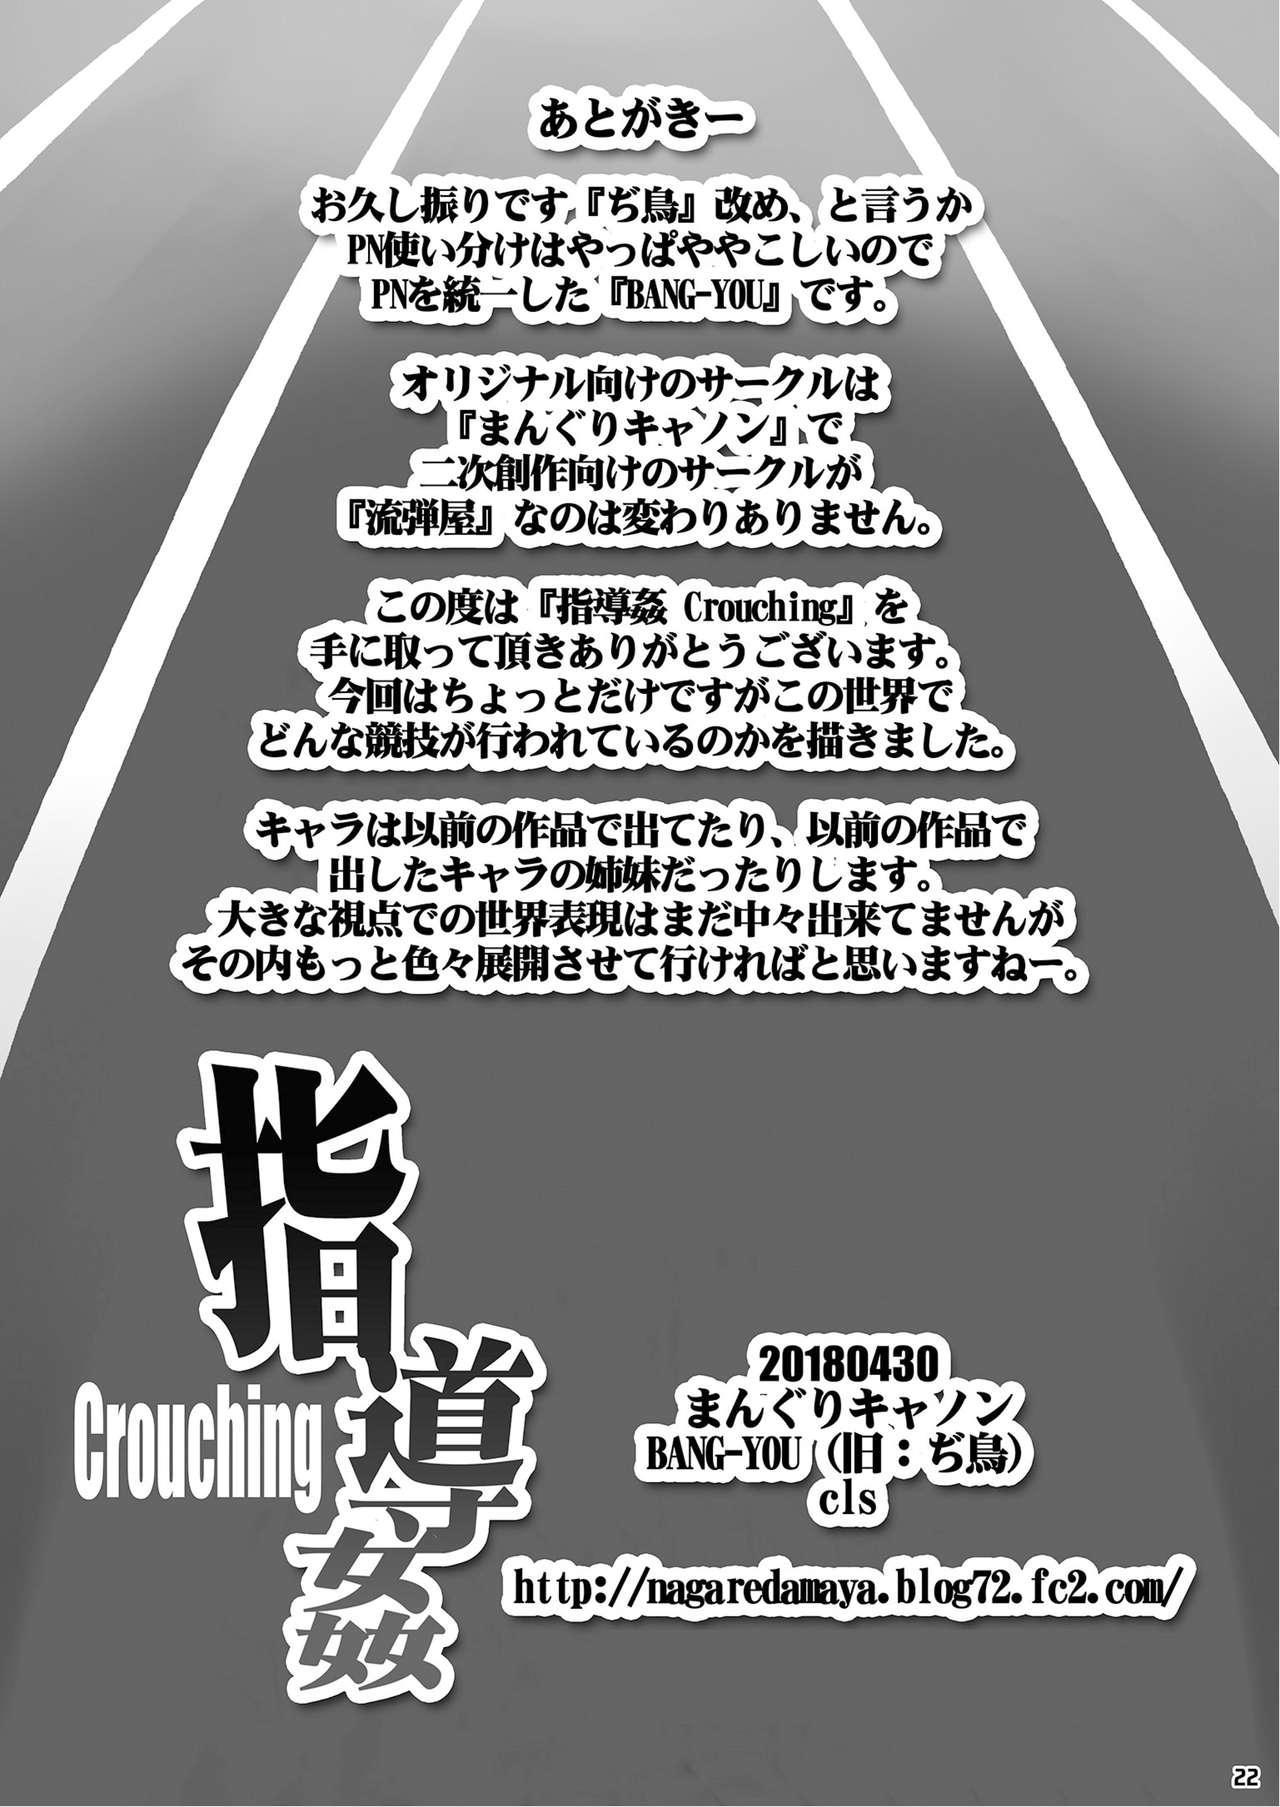 Shidoukan Crouching 20